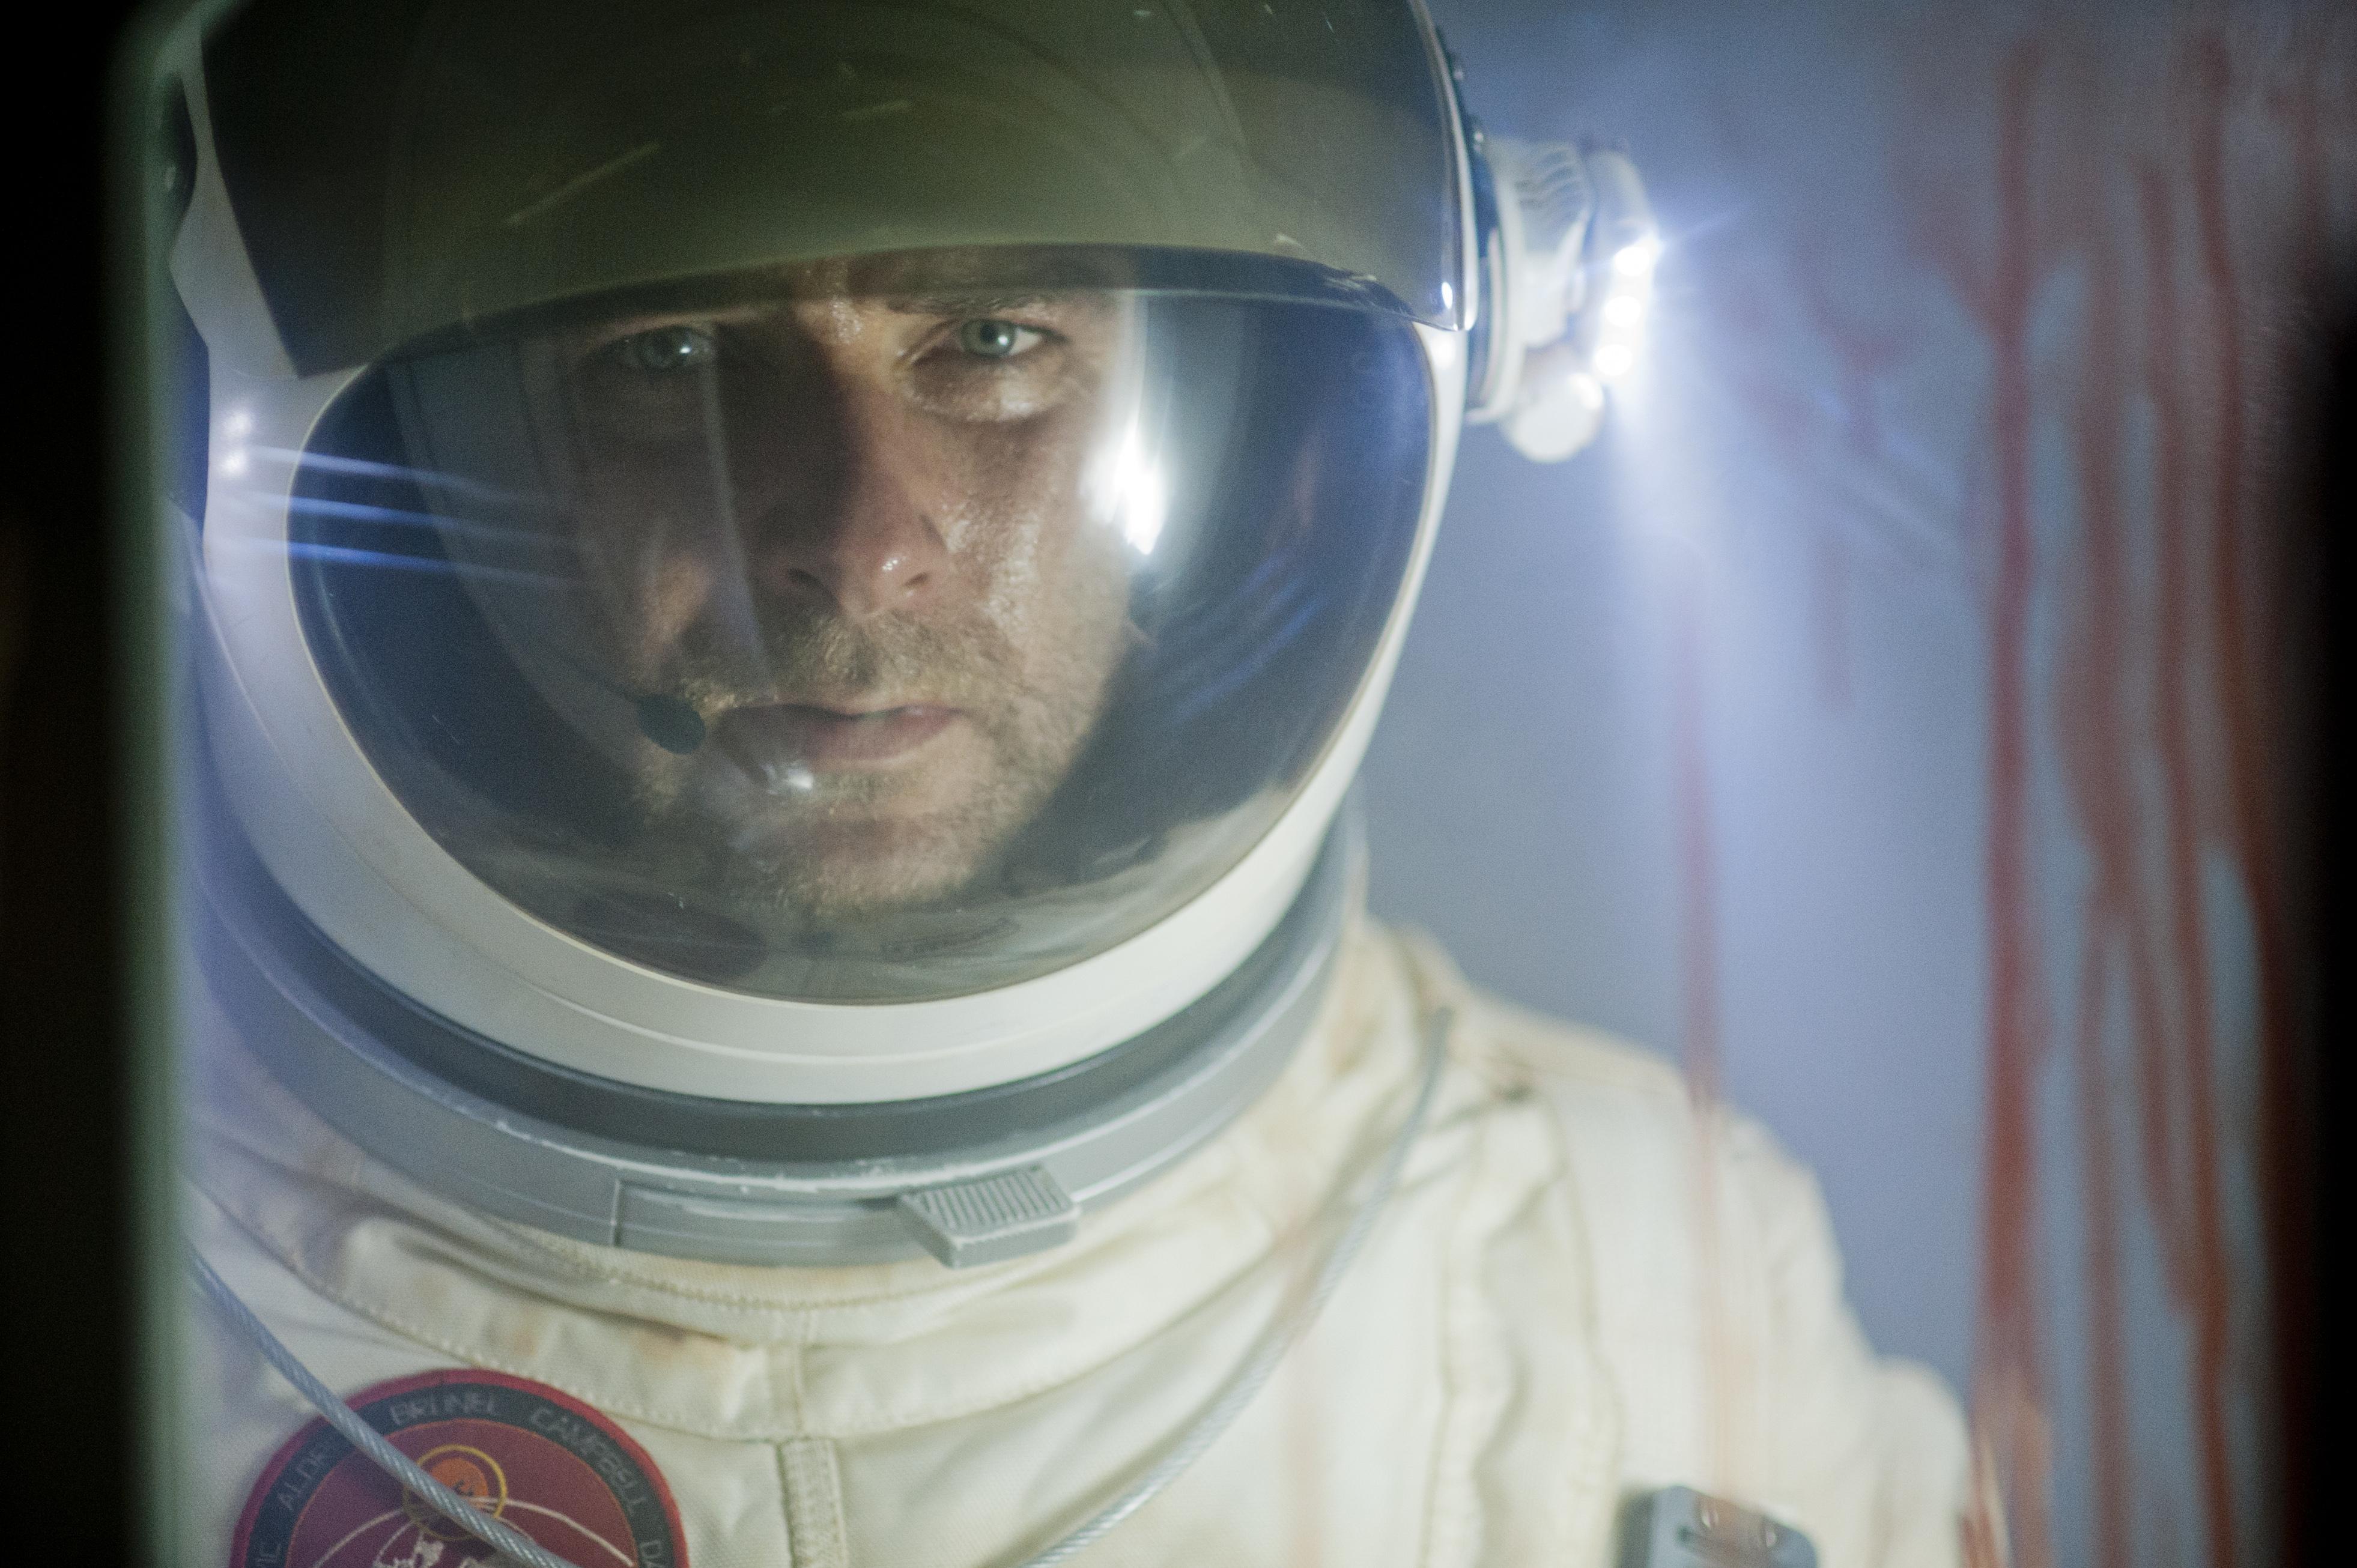 Liev Schreiber in Last Days on Mars